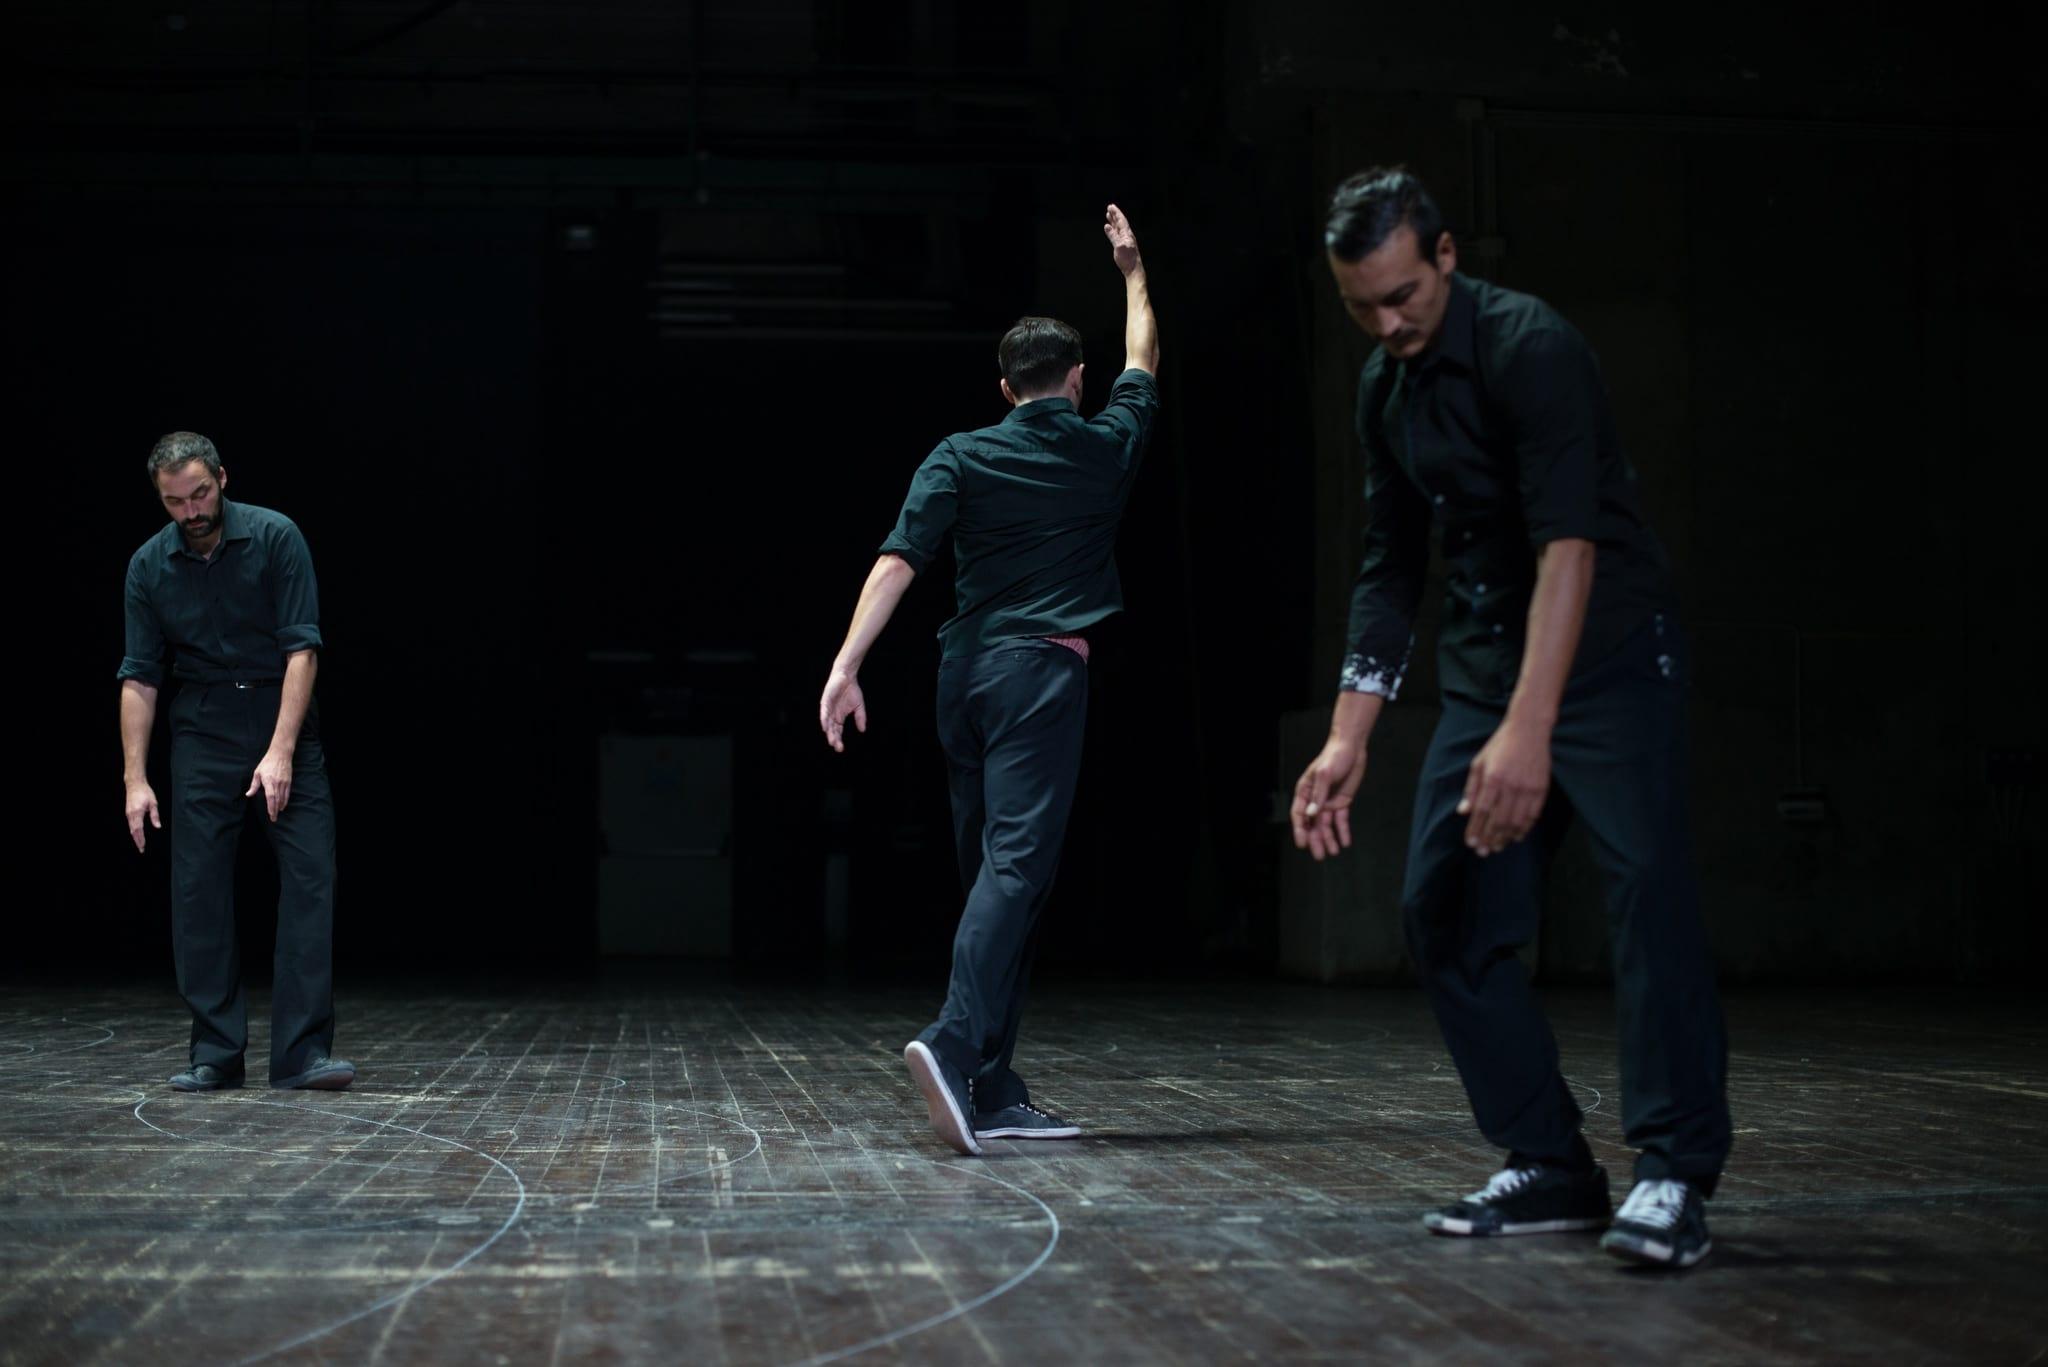 PÚBLICO - Pensar primeiro e dançar depois